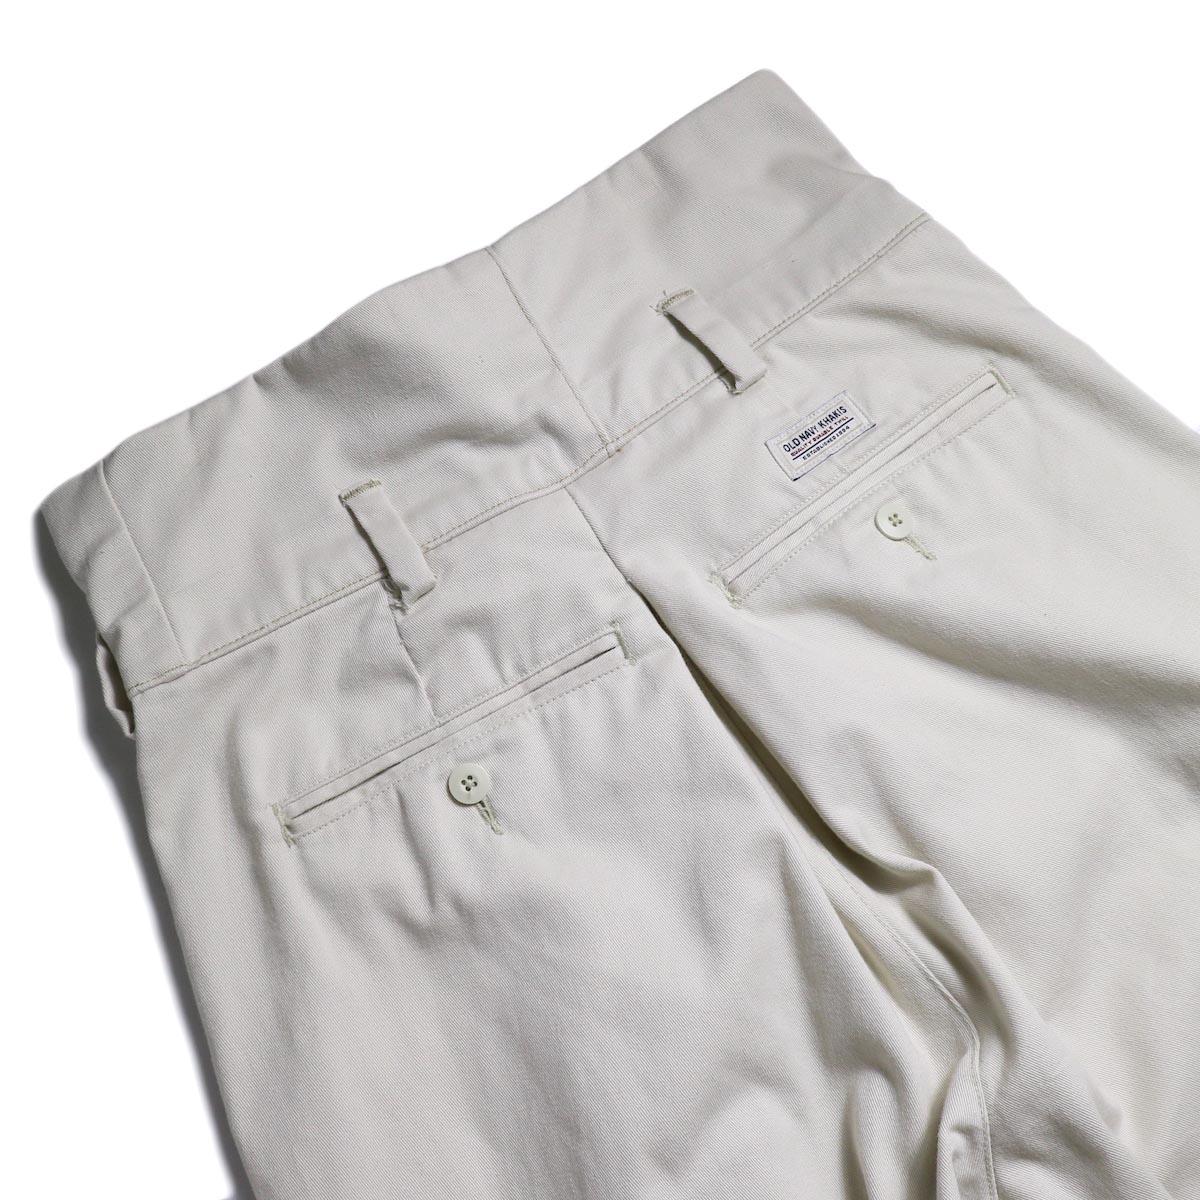 BONUM / HIGH WAIST CHINO PT (B) バックポケット